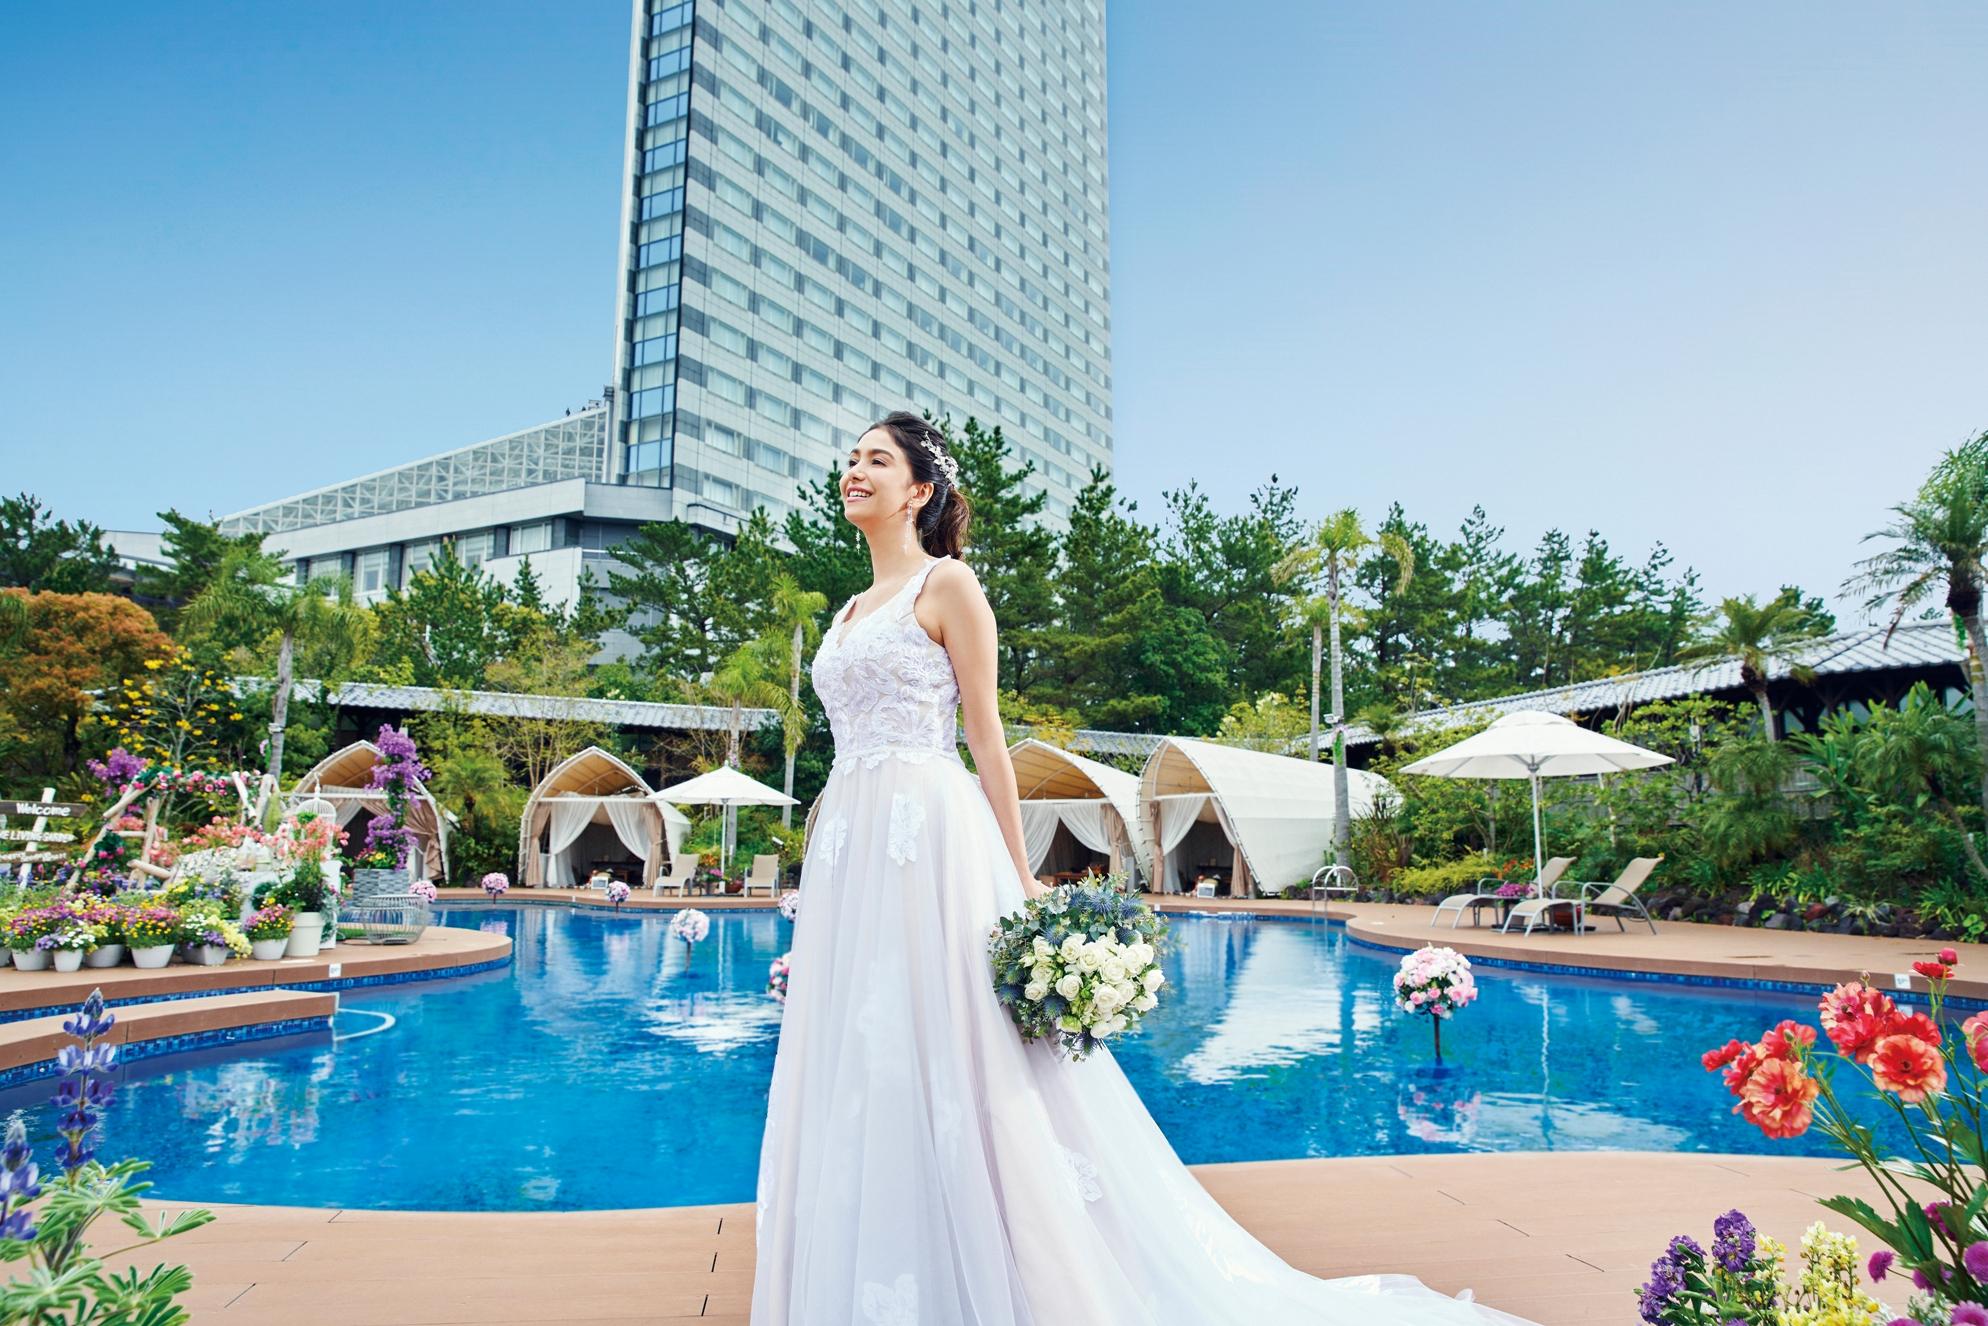 【写真で残す結婚式】挙式×フォト婚相談会